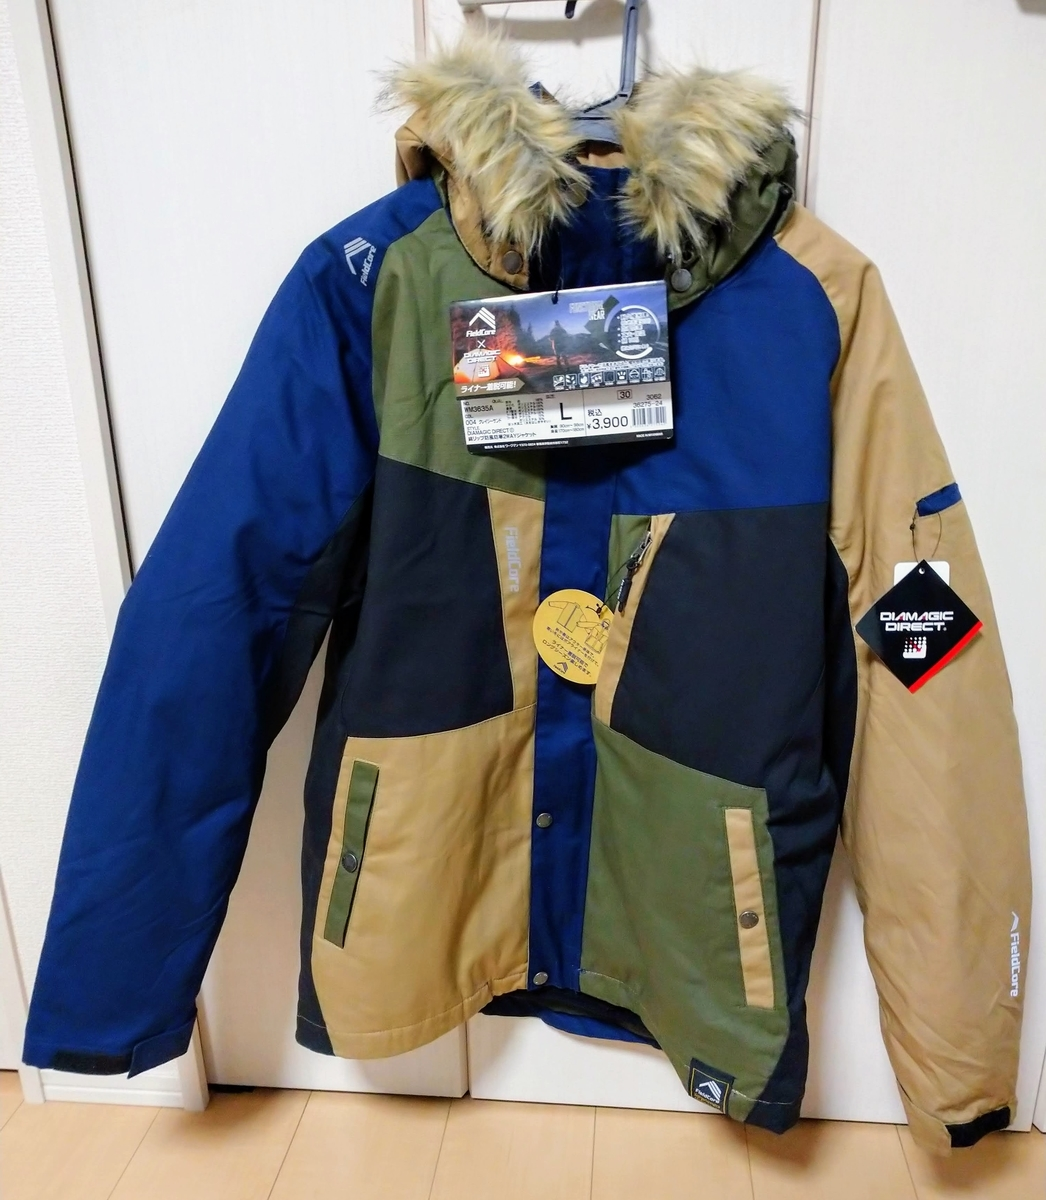 DIAMAGIC DIRECT 綿リップ防風防寒2WAYジャケット